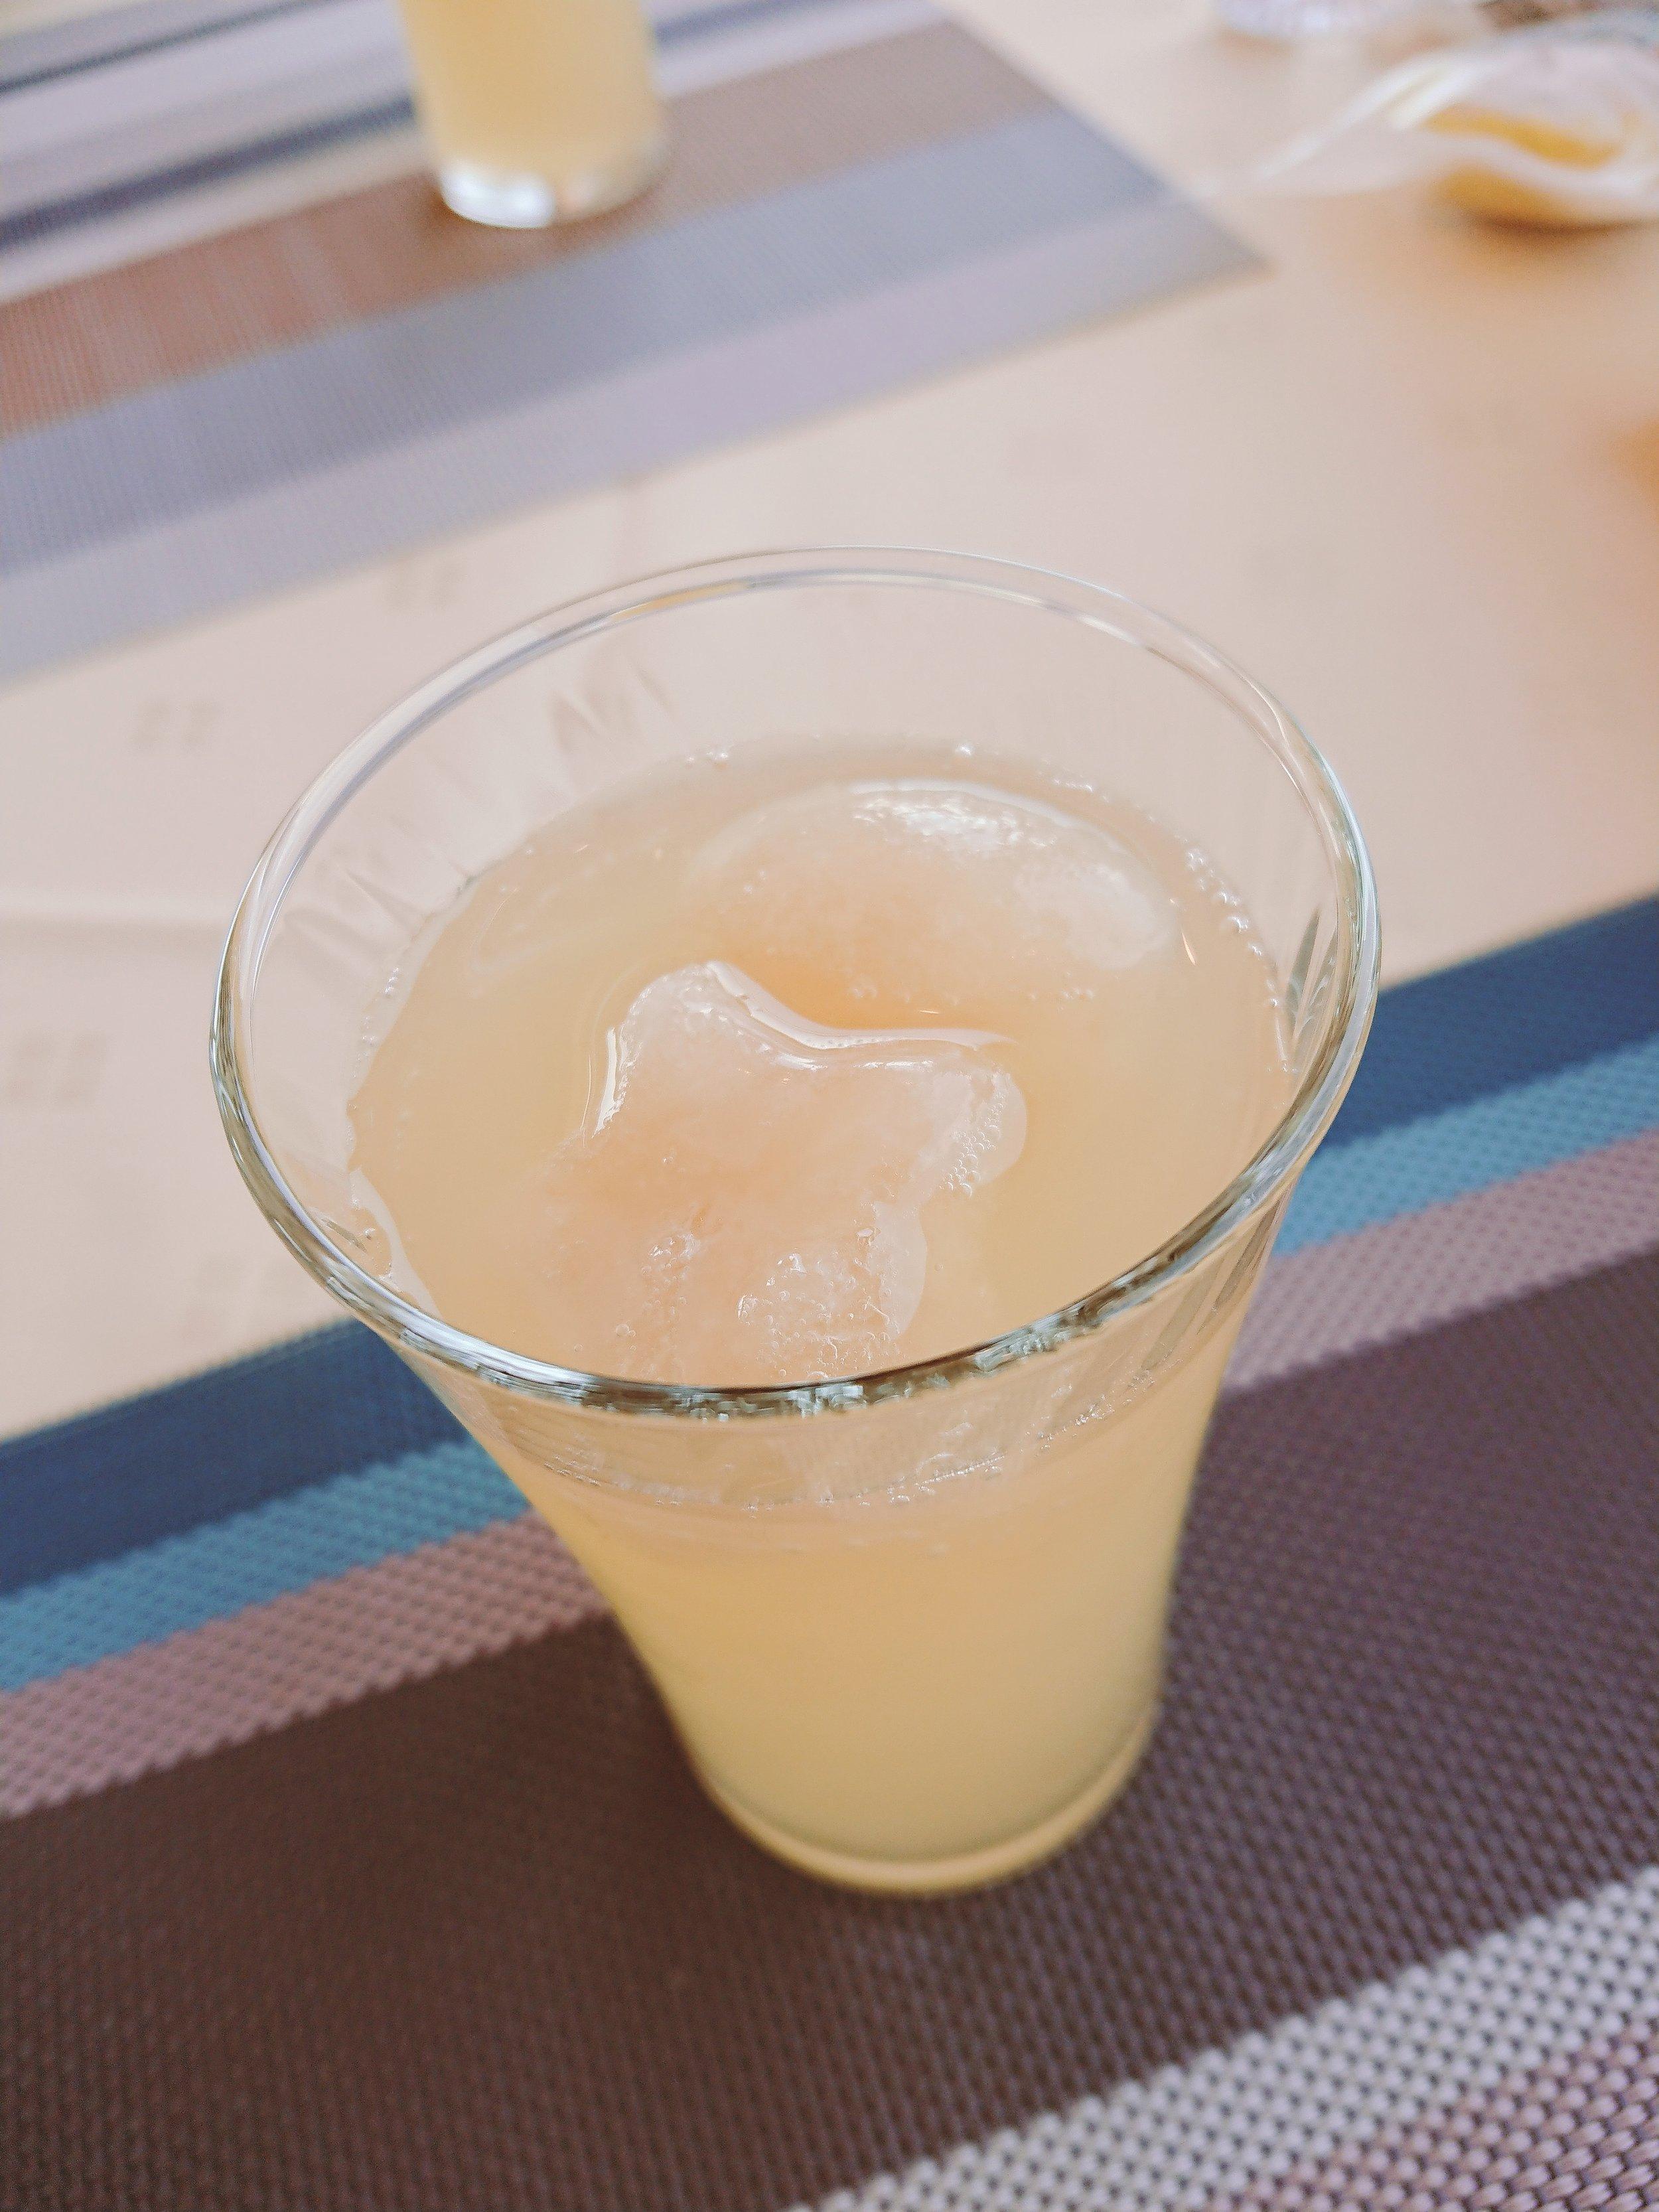 りんごジュース(350円) 浮かんでいるのはただの氷ではなく・・・